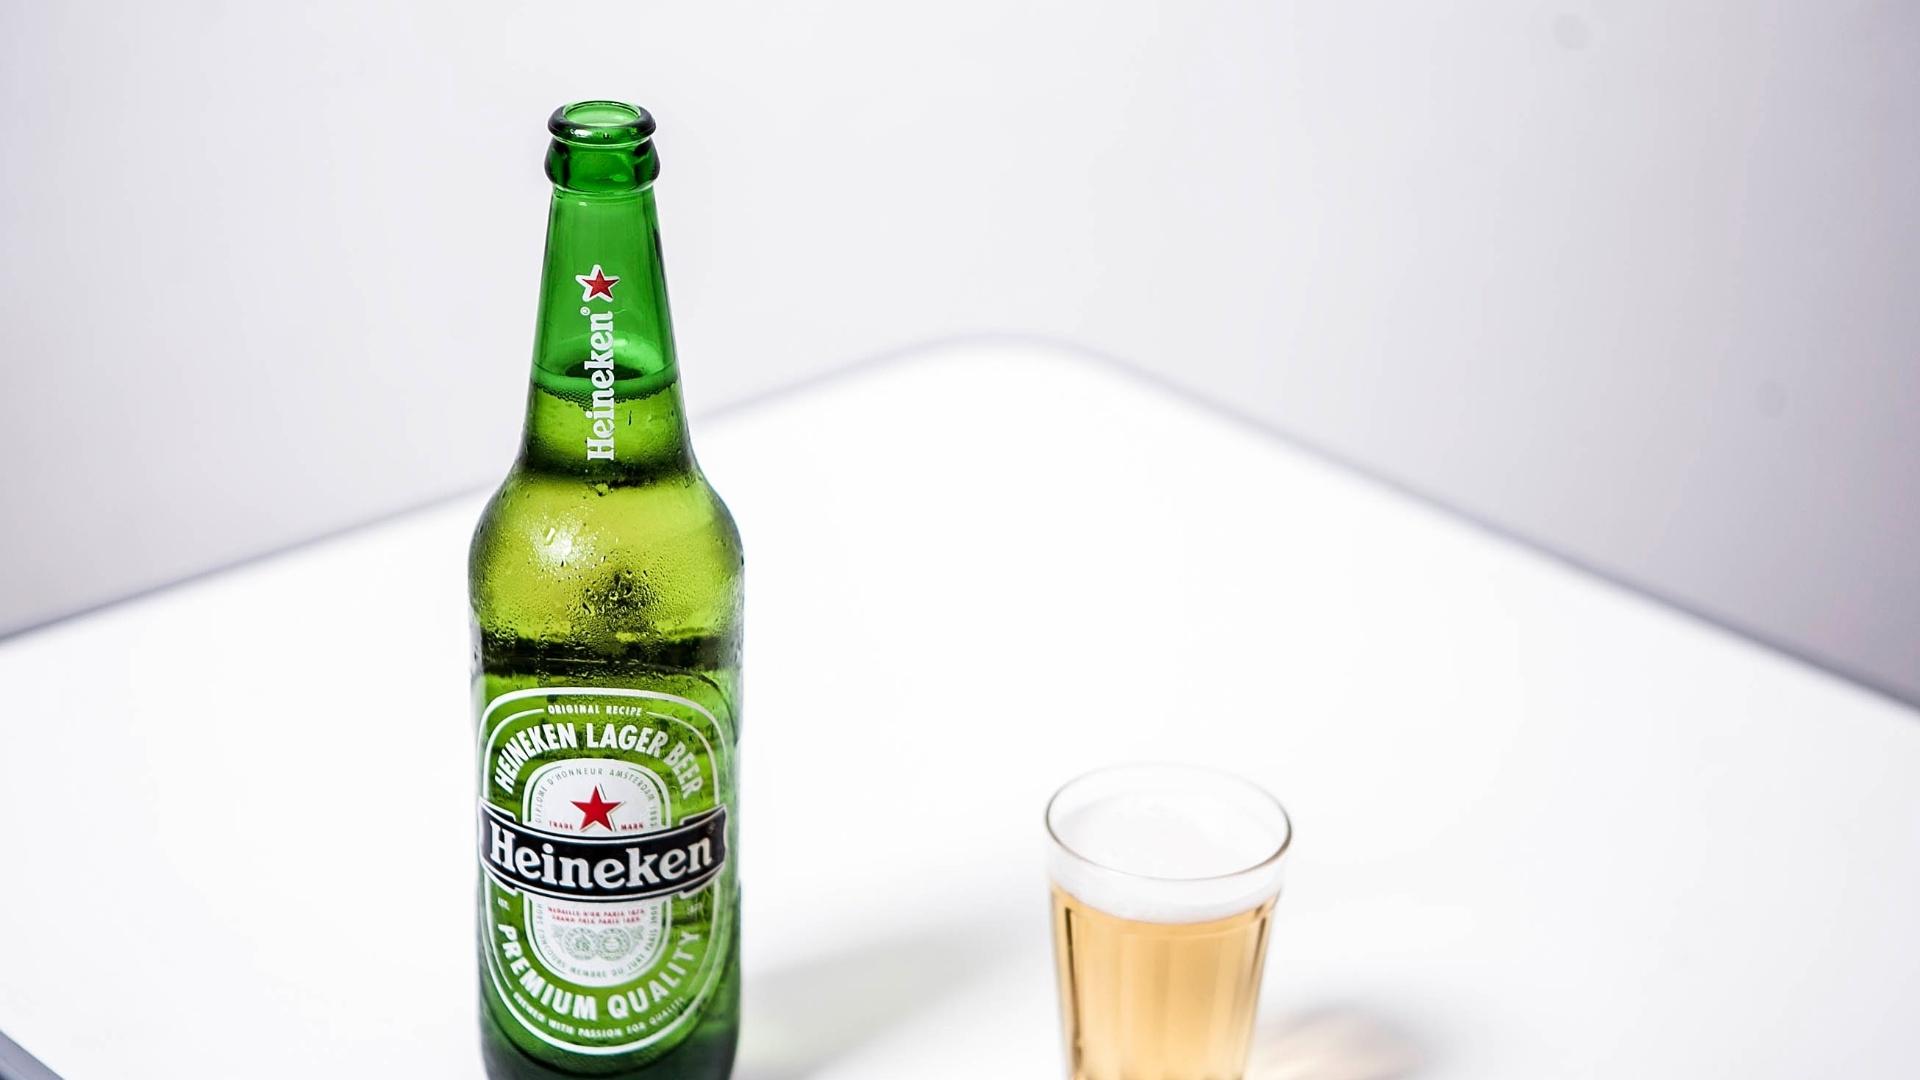 f3bf0ecf07 Fotos  Qual é a sua marca de cerveja preferida  Vote - 07 08 2012 ...